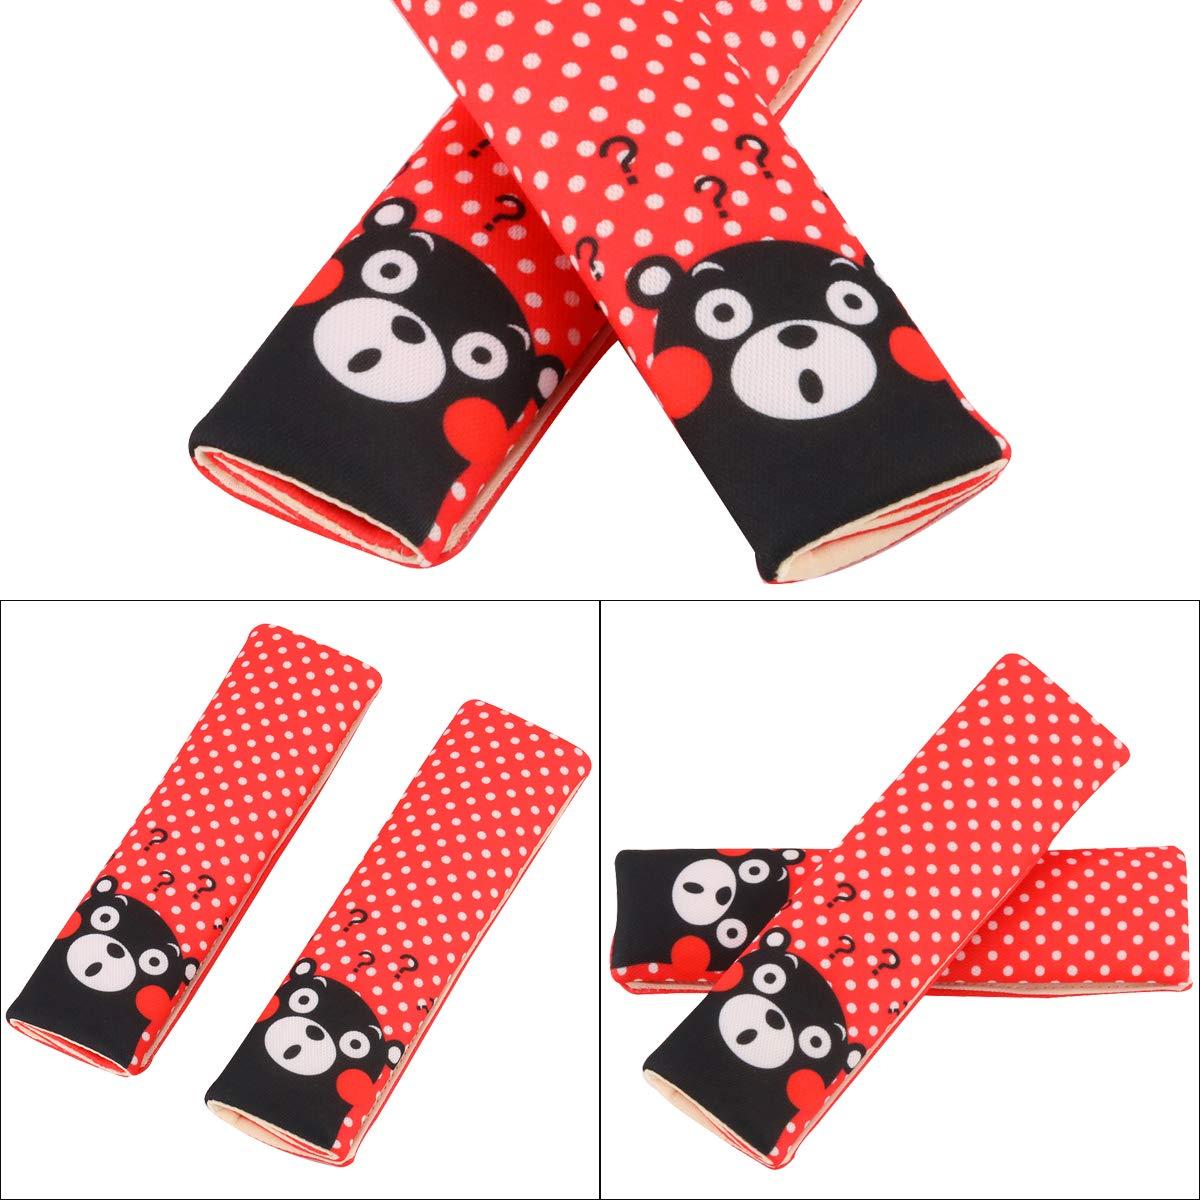 Red dot bear Luchild Almohadillas de cintur/ón de seguridad 2-PACK Ni/ños Peque/ños Almohada de seguridad para el beb/é Asiento de coche Almohadilla Proteger Hombro